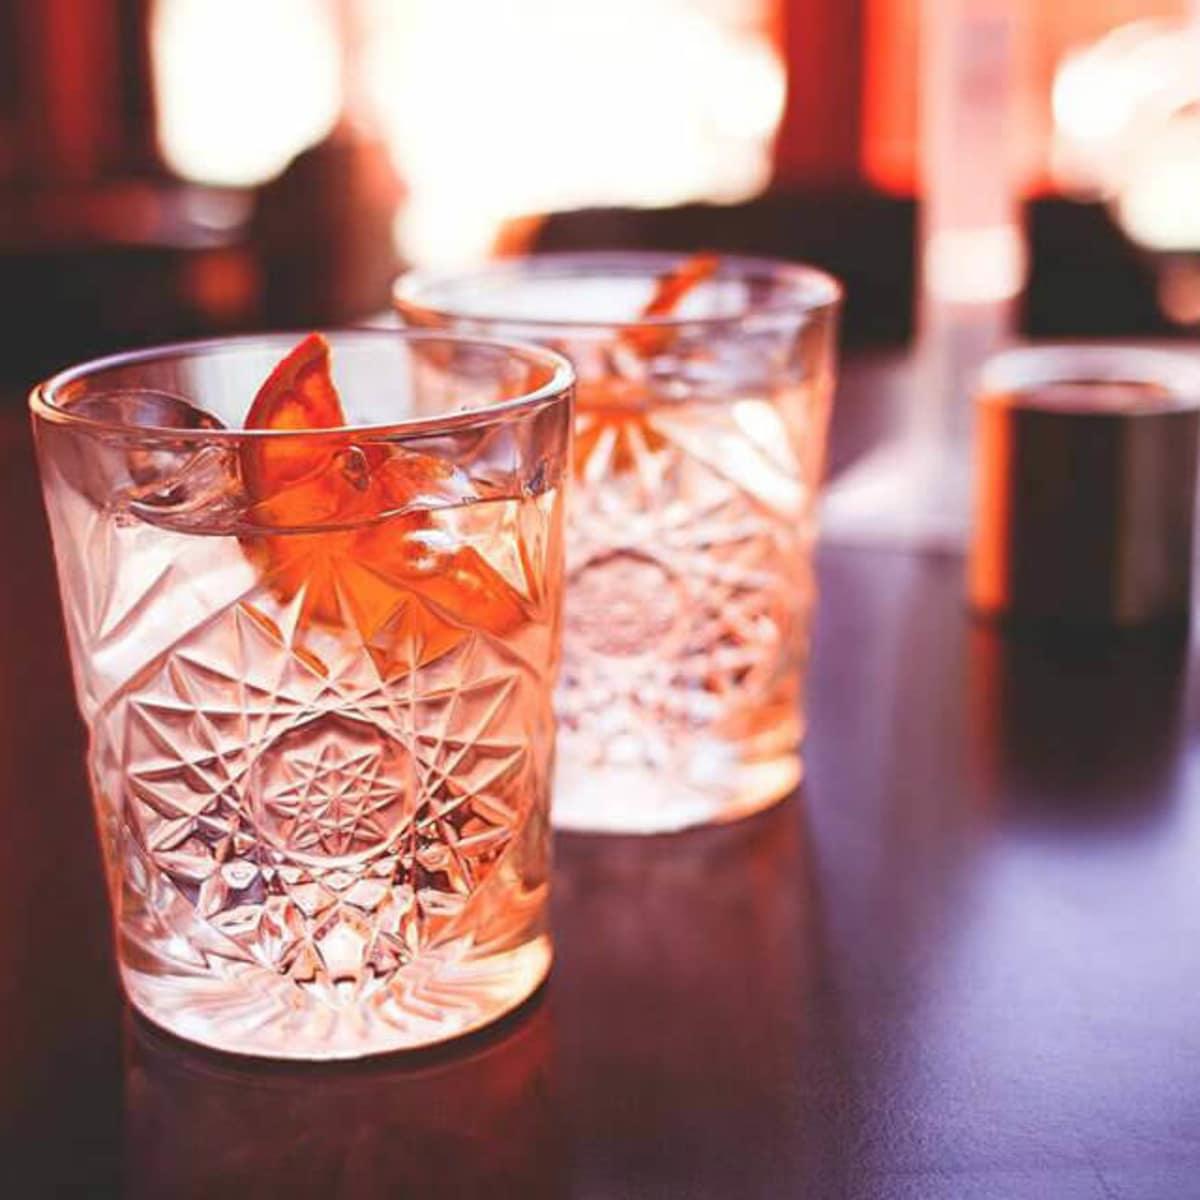 The Bar Cartist